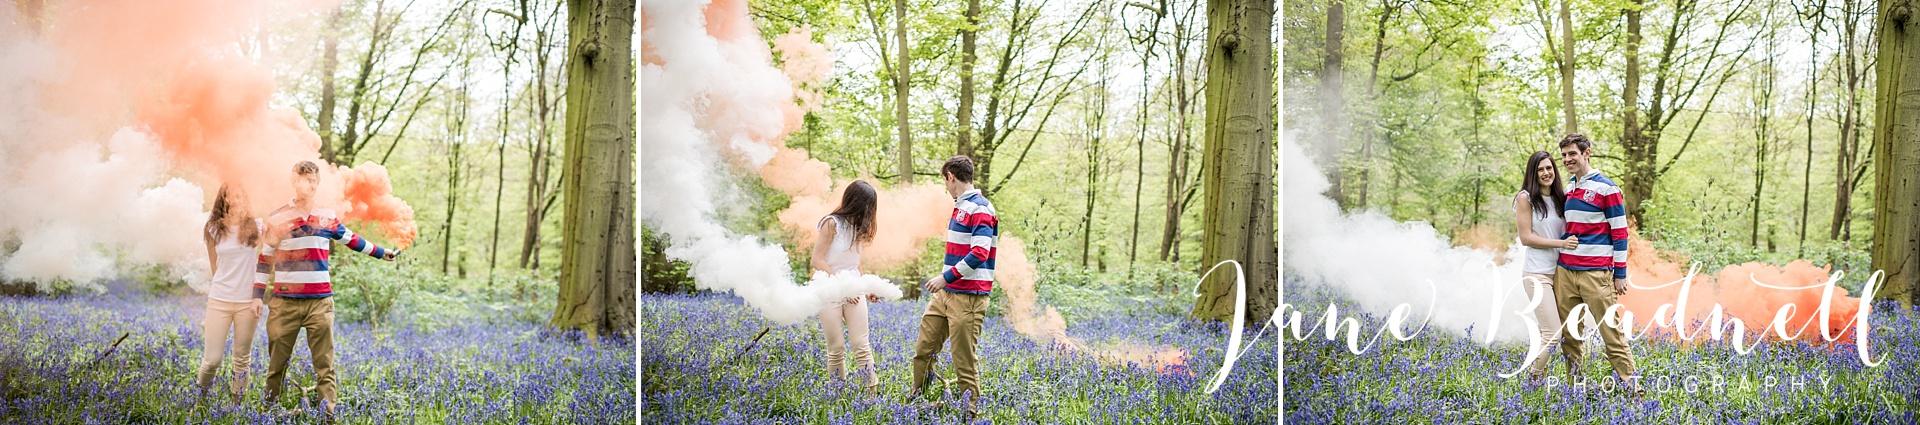 Yorkshire Sculpture Park Engagement Shoot Leeds wedding photographer Jane Beadnell_0052